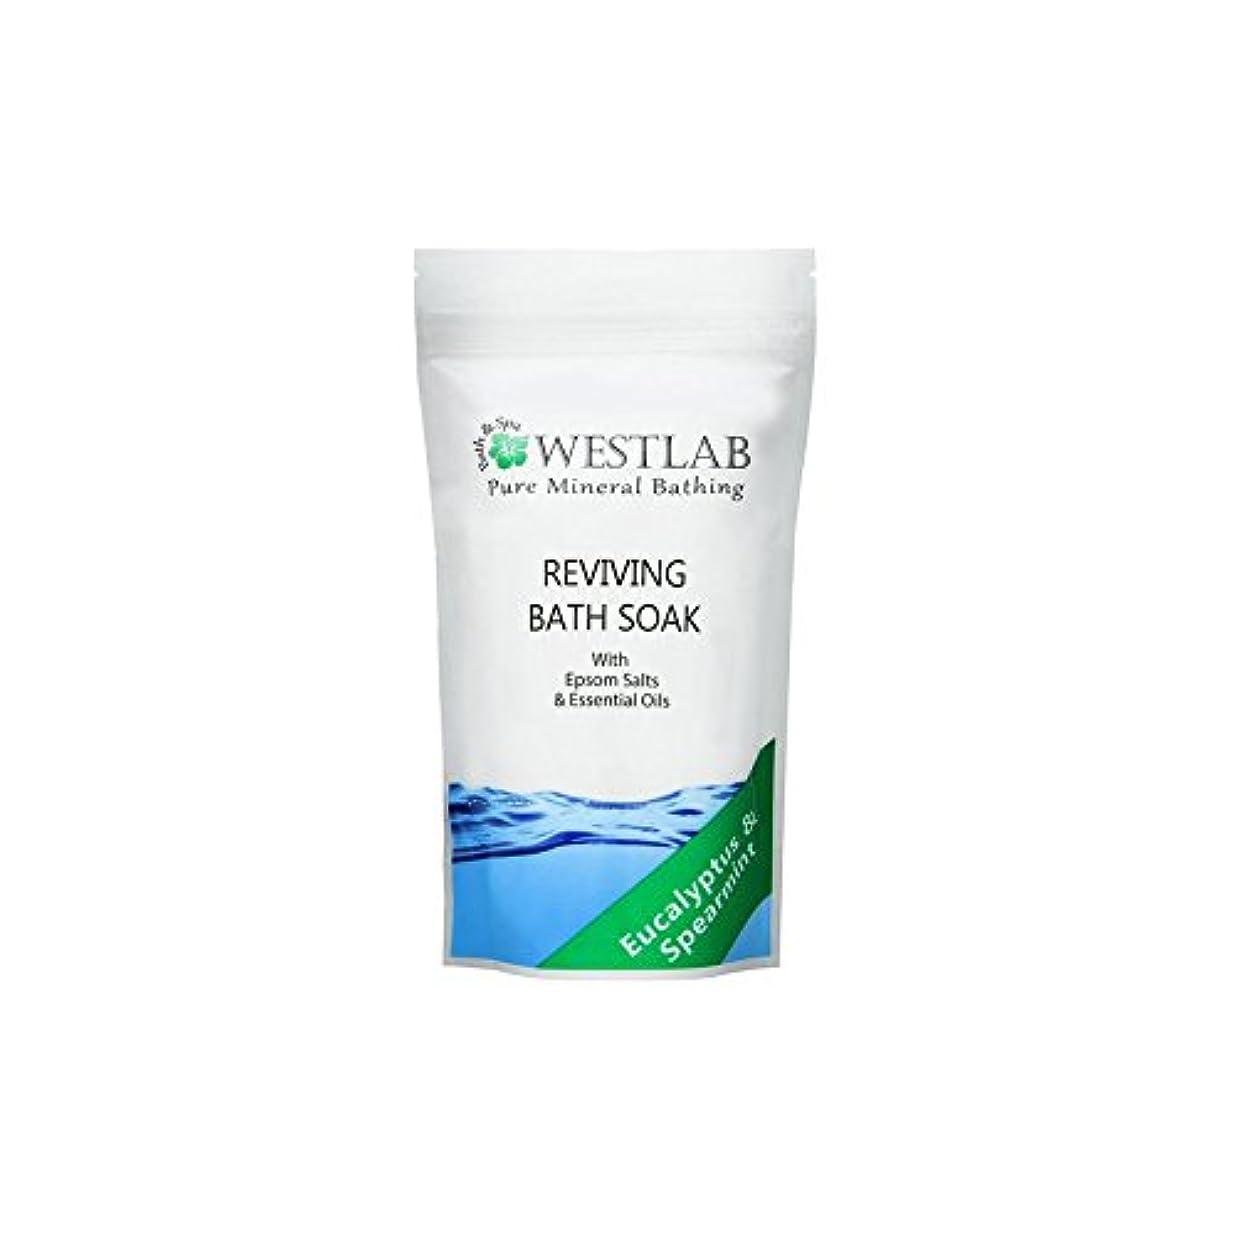 系統的連想結晶Westlab Revive Epsom Salt Bath Soak (500g) (Pack of 6) - (500グラム)をソークエプソム塩浴を復活させます x6 [並行輸入品]